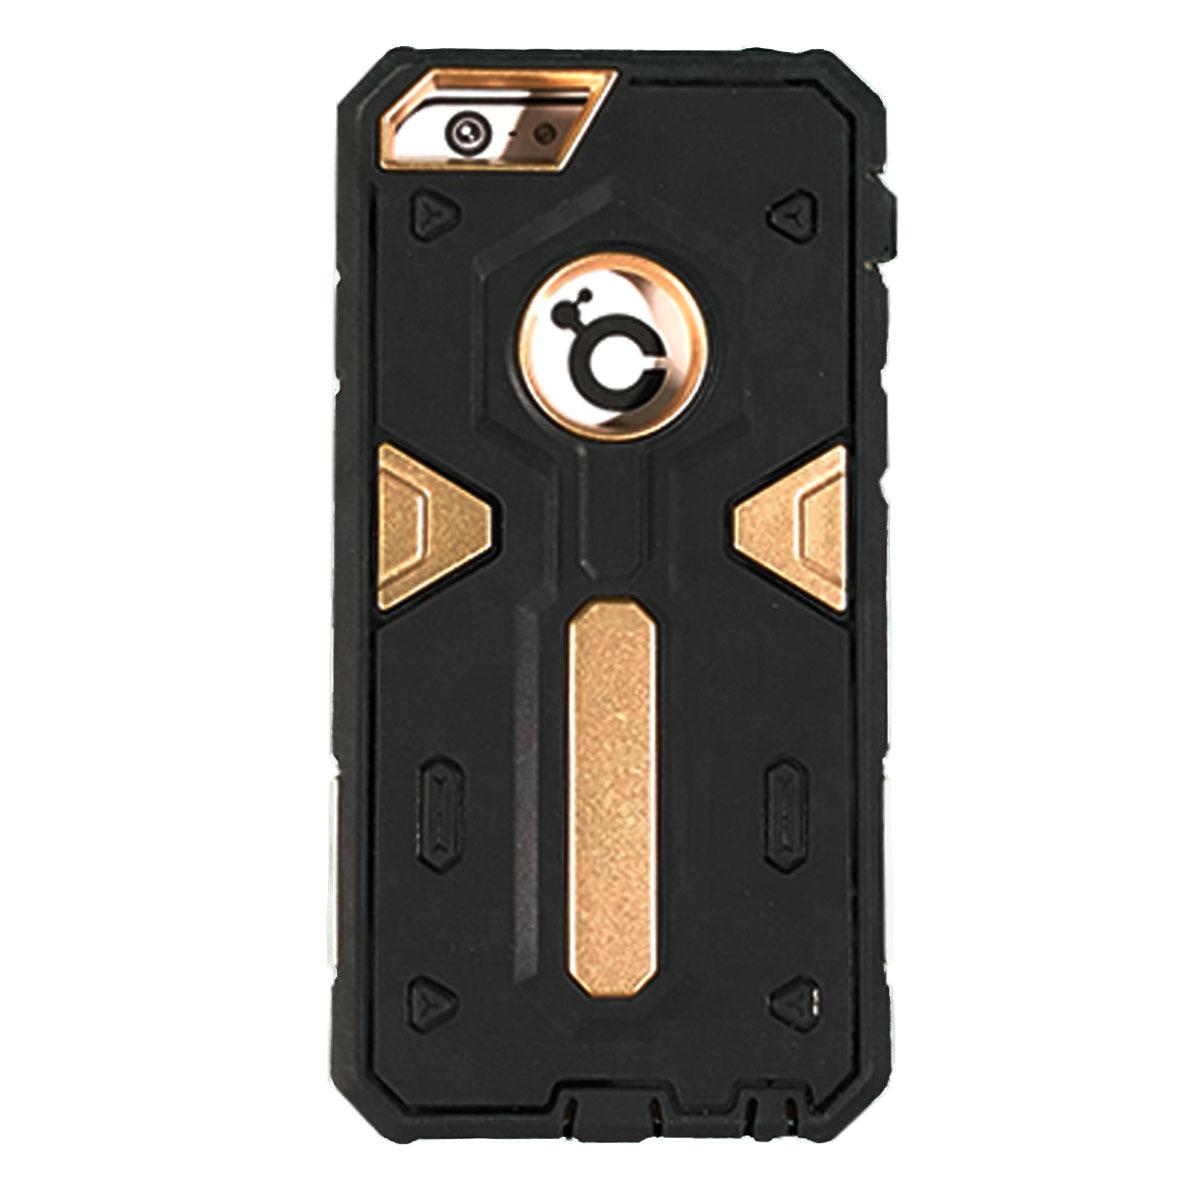 کاور مدل b25v مناسب برای گوشی موبایل اپل iphone 6 / iphone 6s              ( قیمت و خرید)